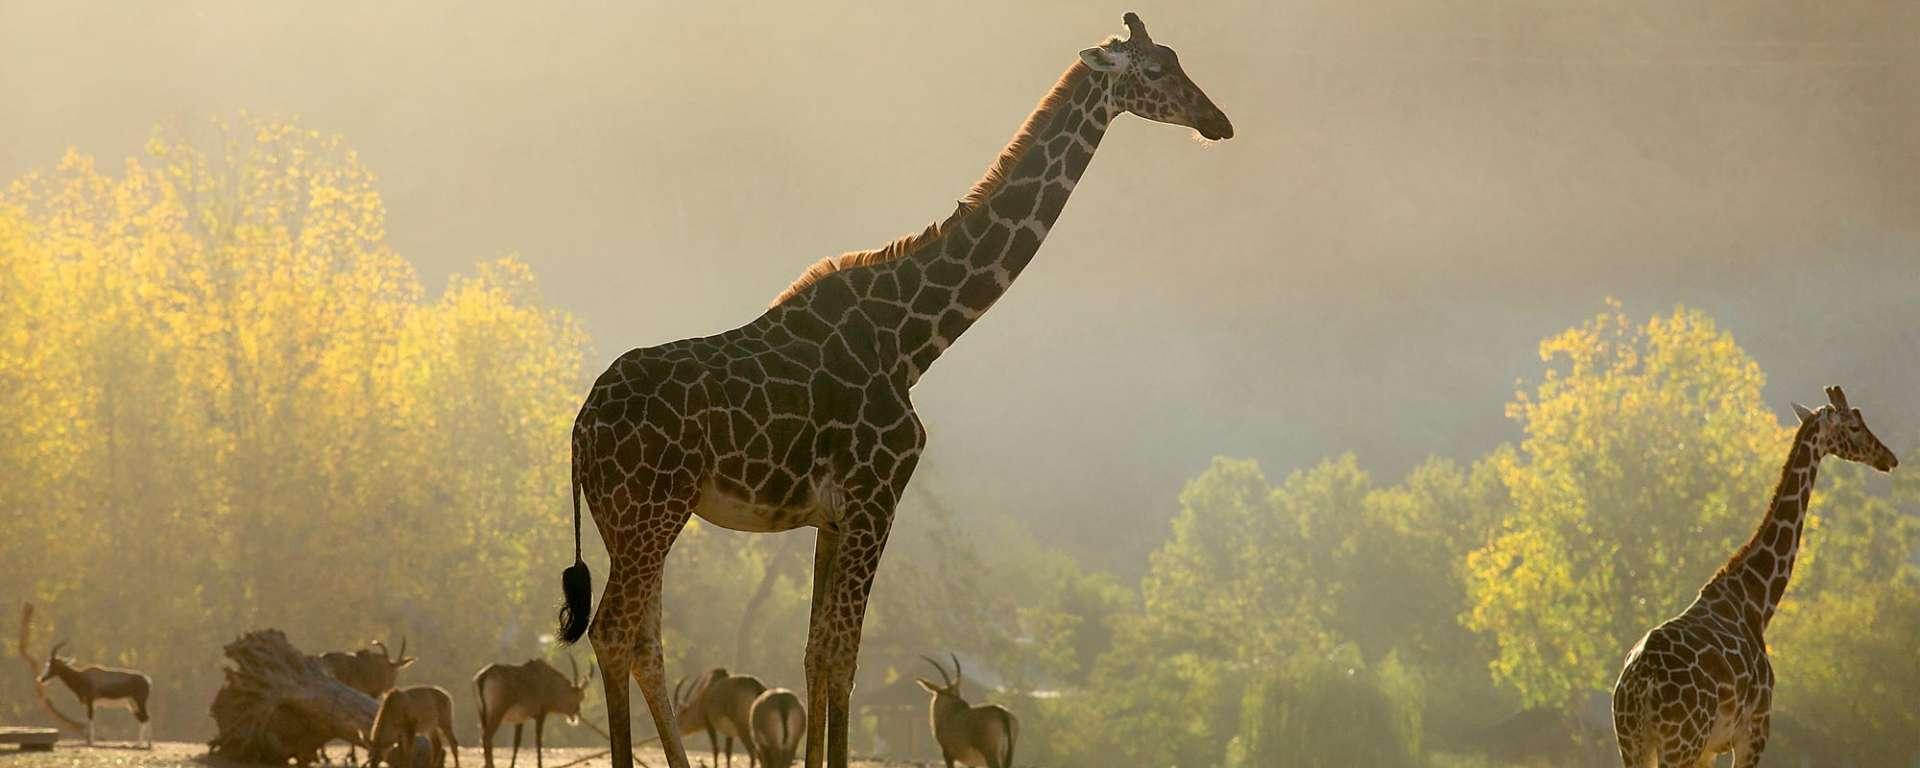 Safari at Dawn